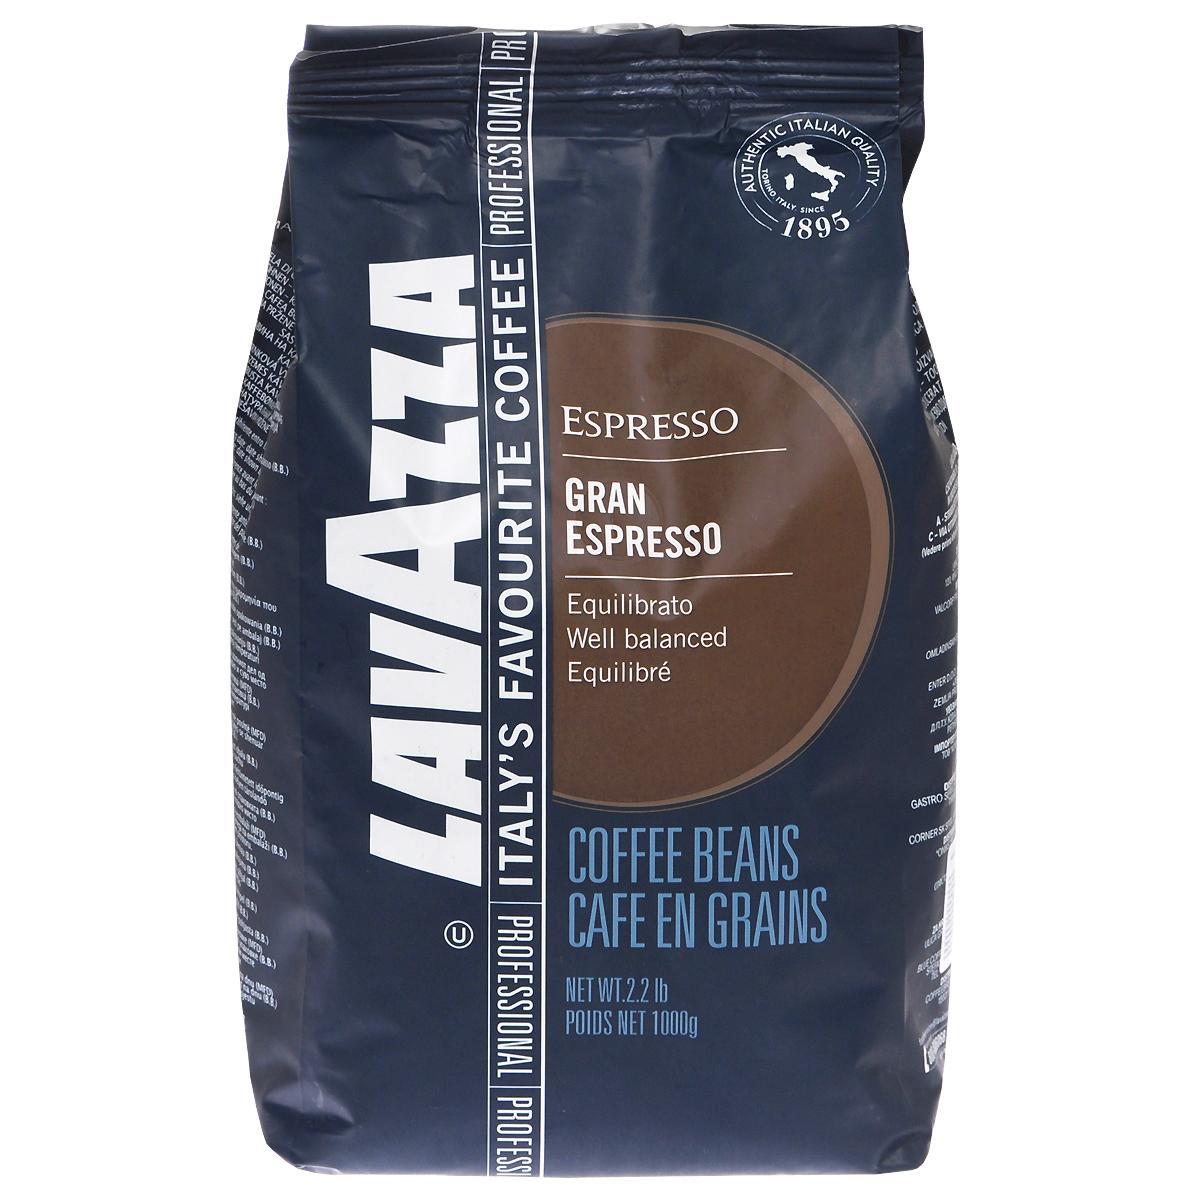 Lavazza Gran Espresso кофе в зернах, 1 кг8000070121348Кофе Lavazza Gran Espresso - идеальный итальянский эспрессо с богатым и сбалансированным вкусом. Аромат темного шоколада и специй для сливочного и обволакивающего эспрессо.